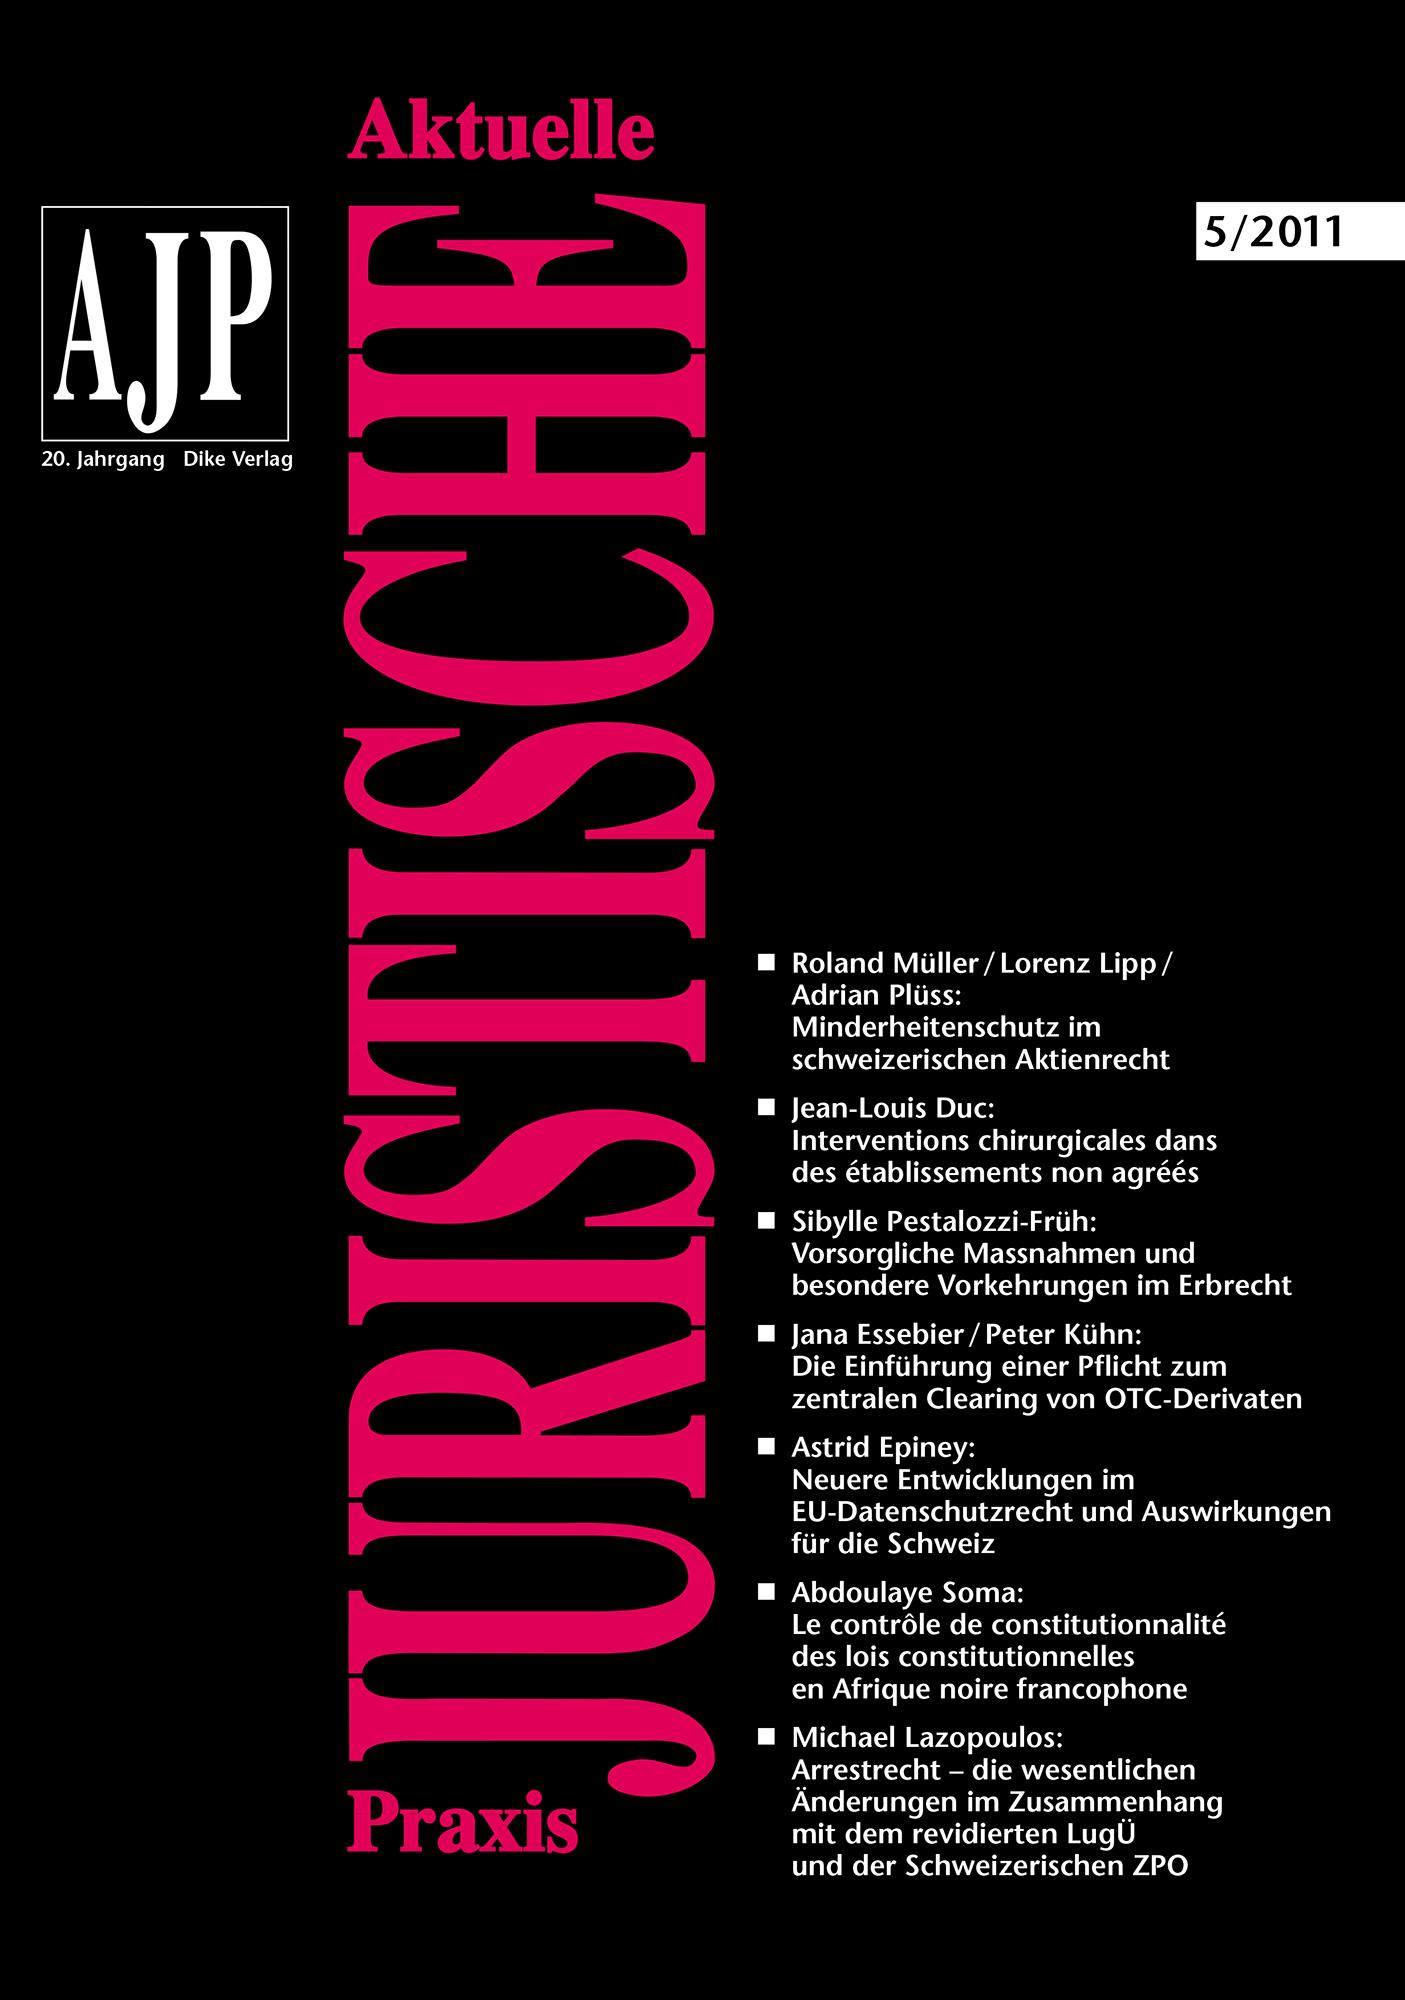 AJP/PJA 05/2011